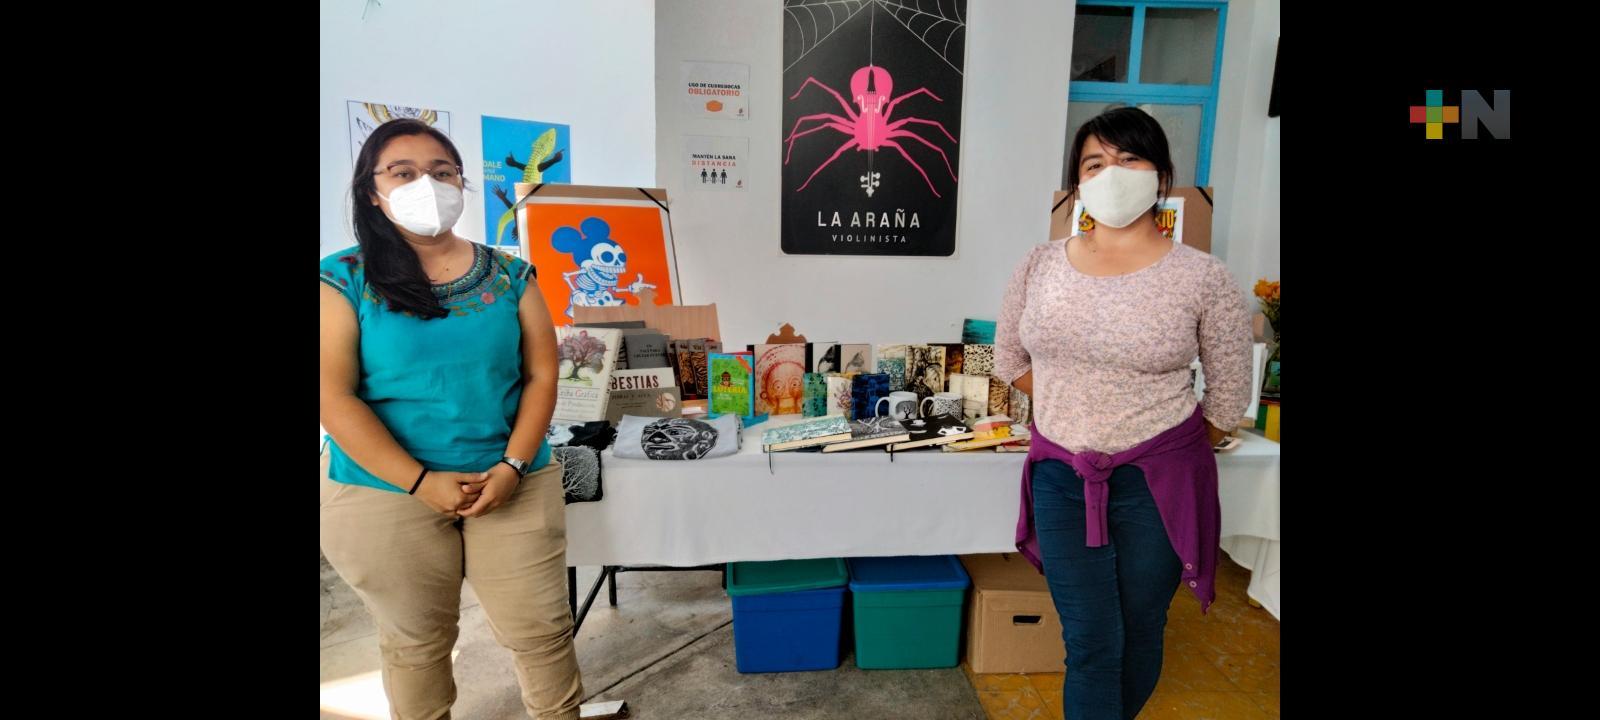 Se reunieron creadores visuales para ofertar productos de diseño gráfico en la Vendimia Entre Amigos «El Milagrito»